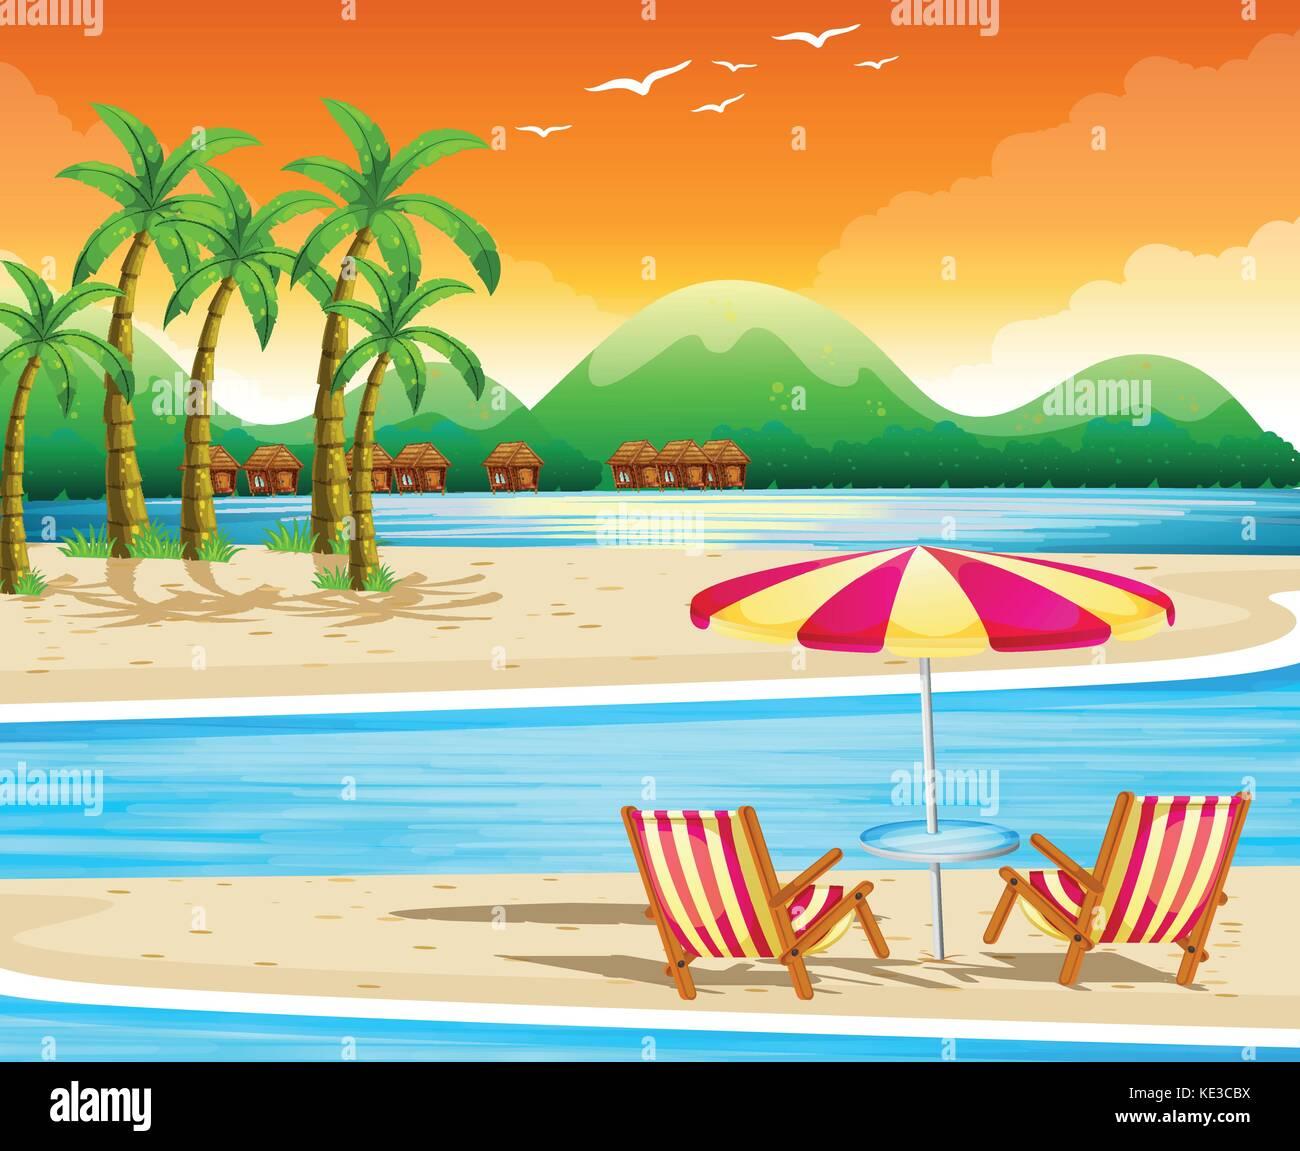 Disegni Di Spiaggia E Ombrelloni.Scena Di Spiaggia Con Sdraio E Ombrellone Illustrazione